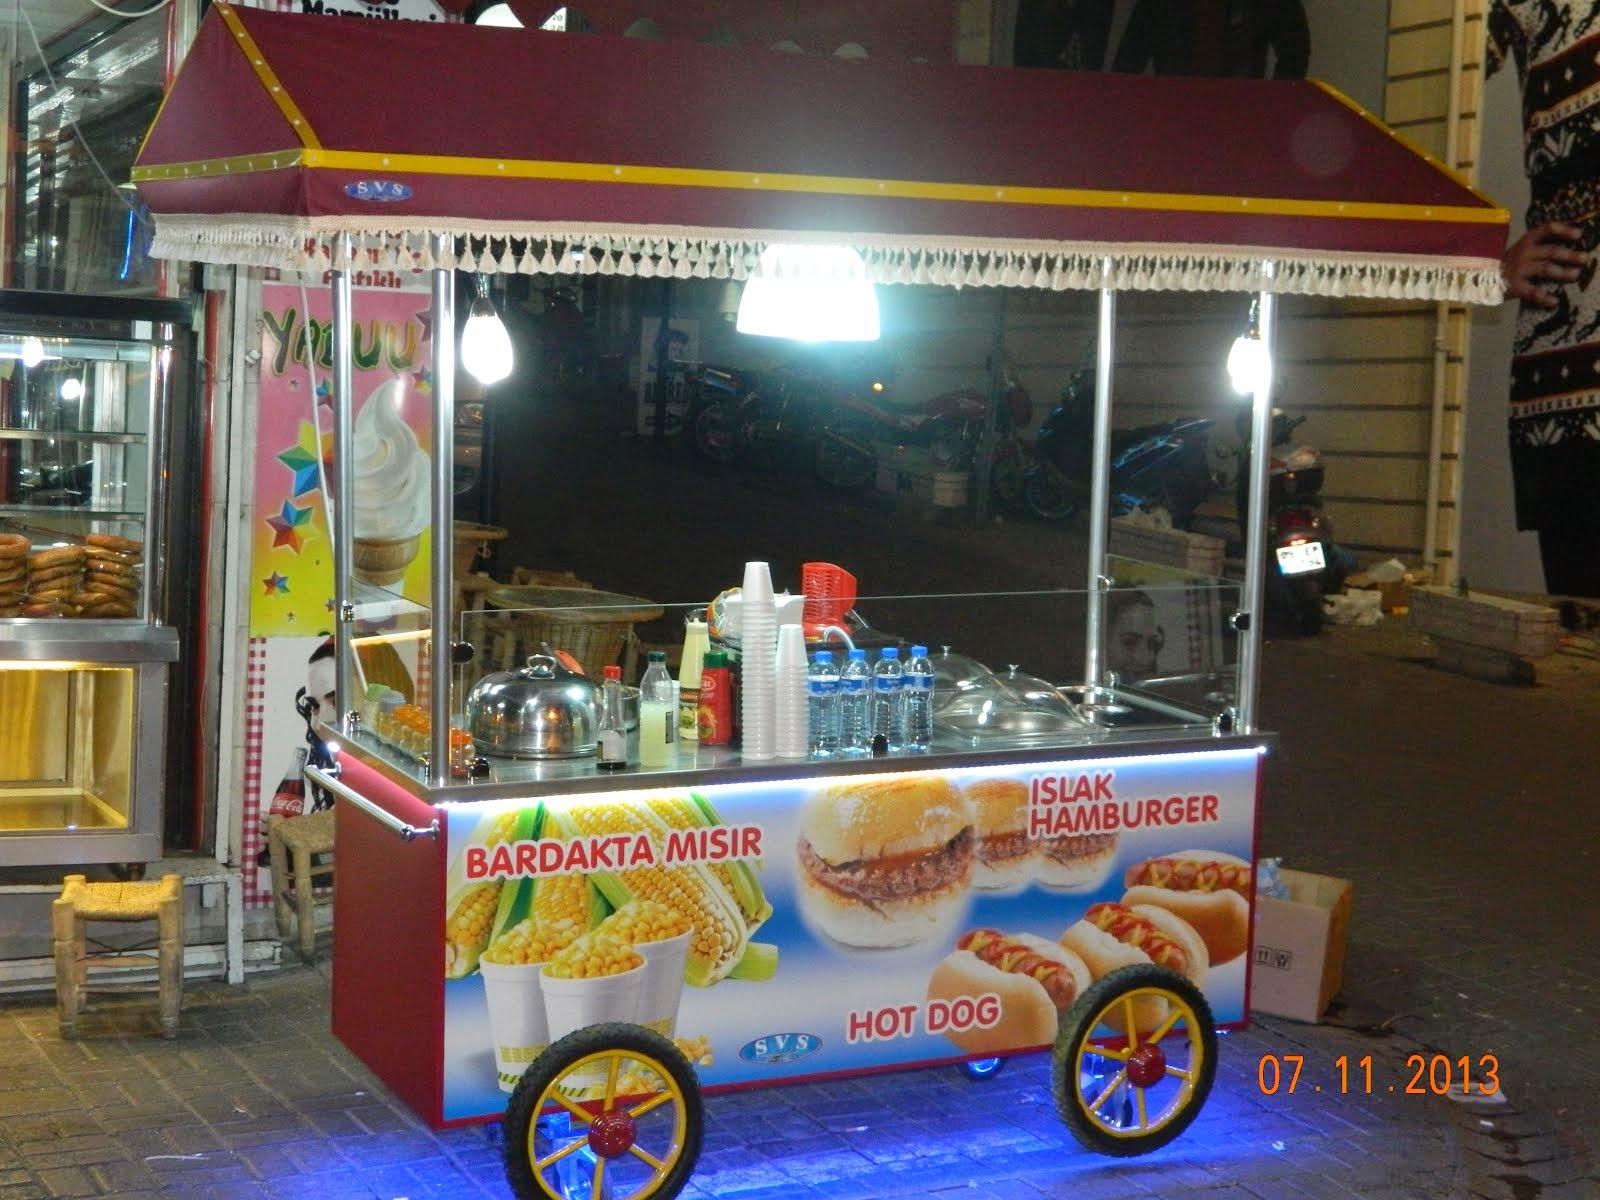 Islak Hamburger- Bardakta Mısır